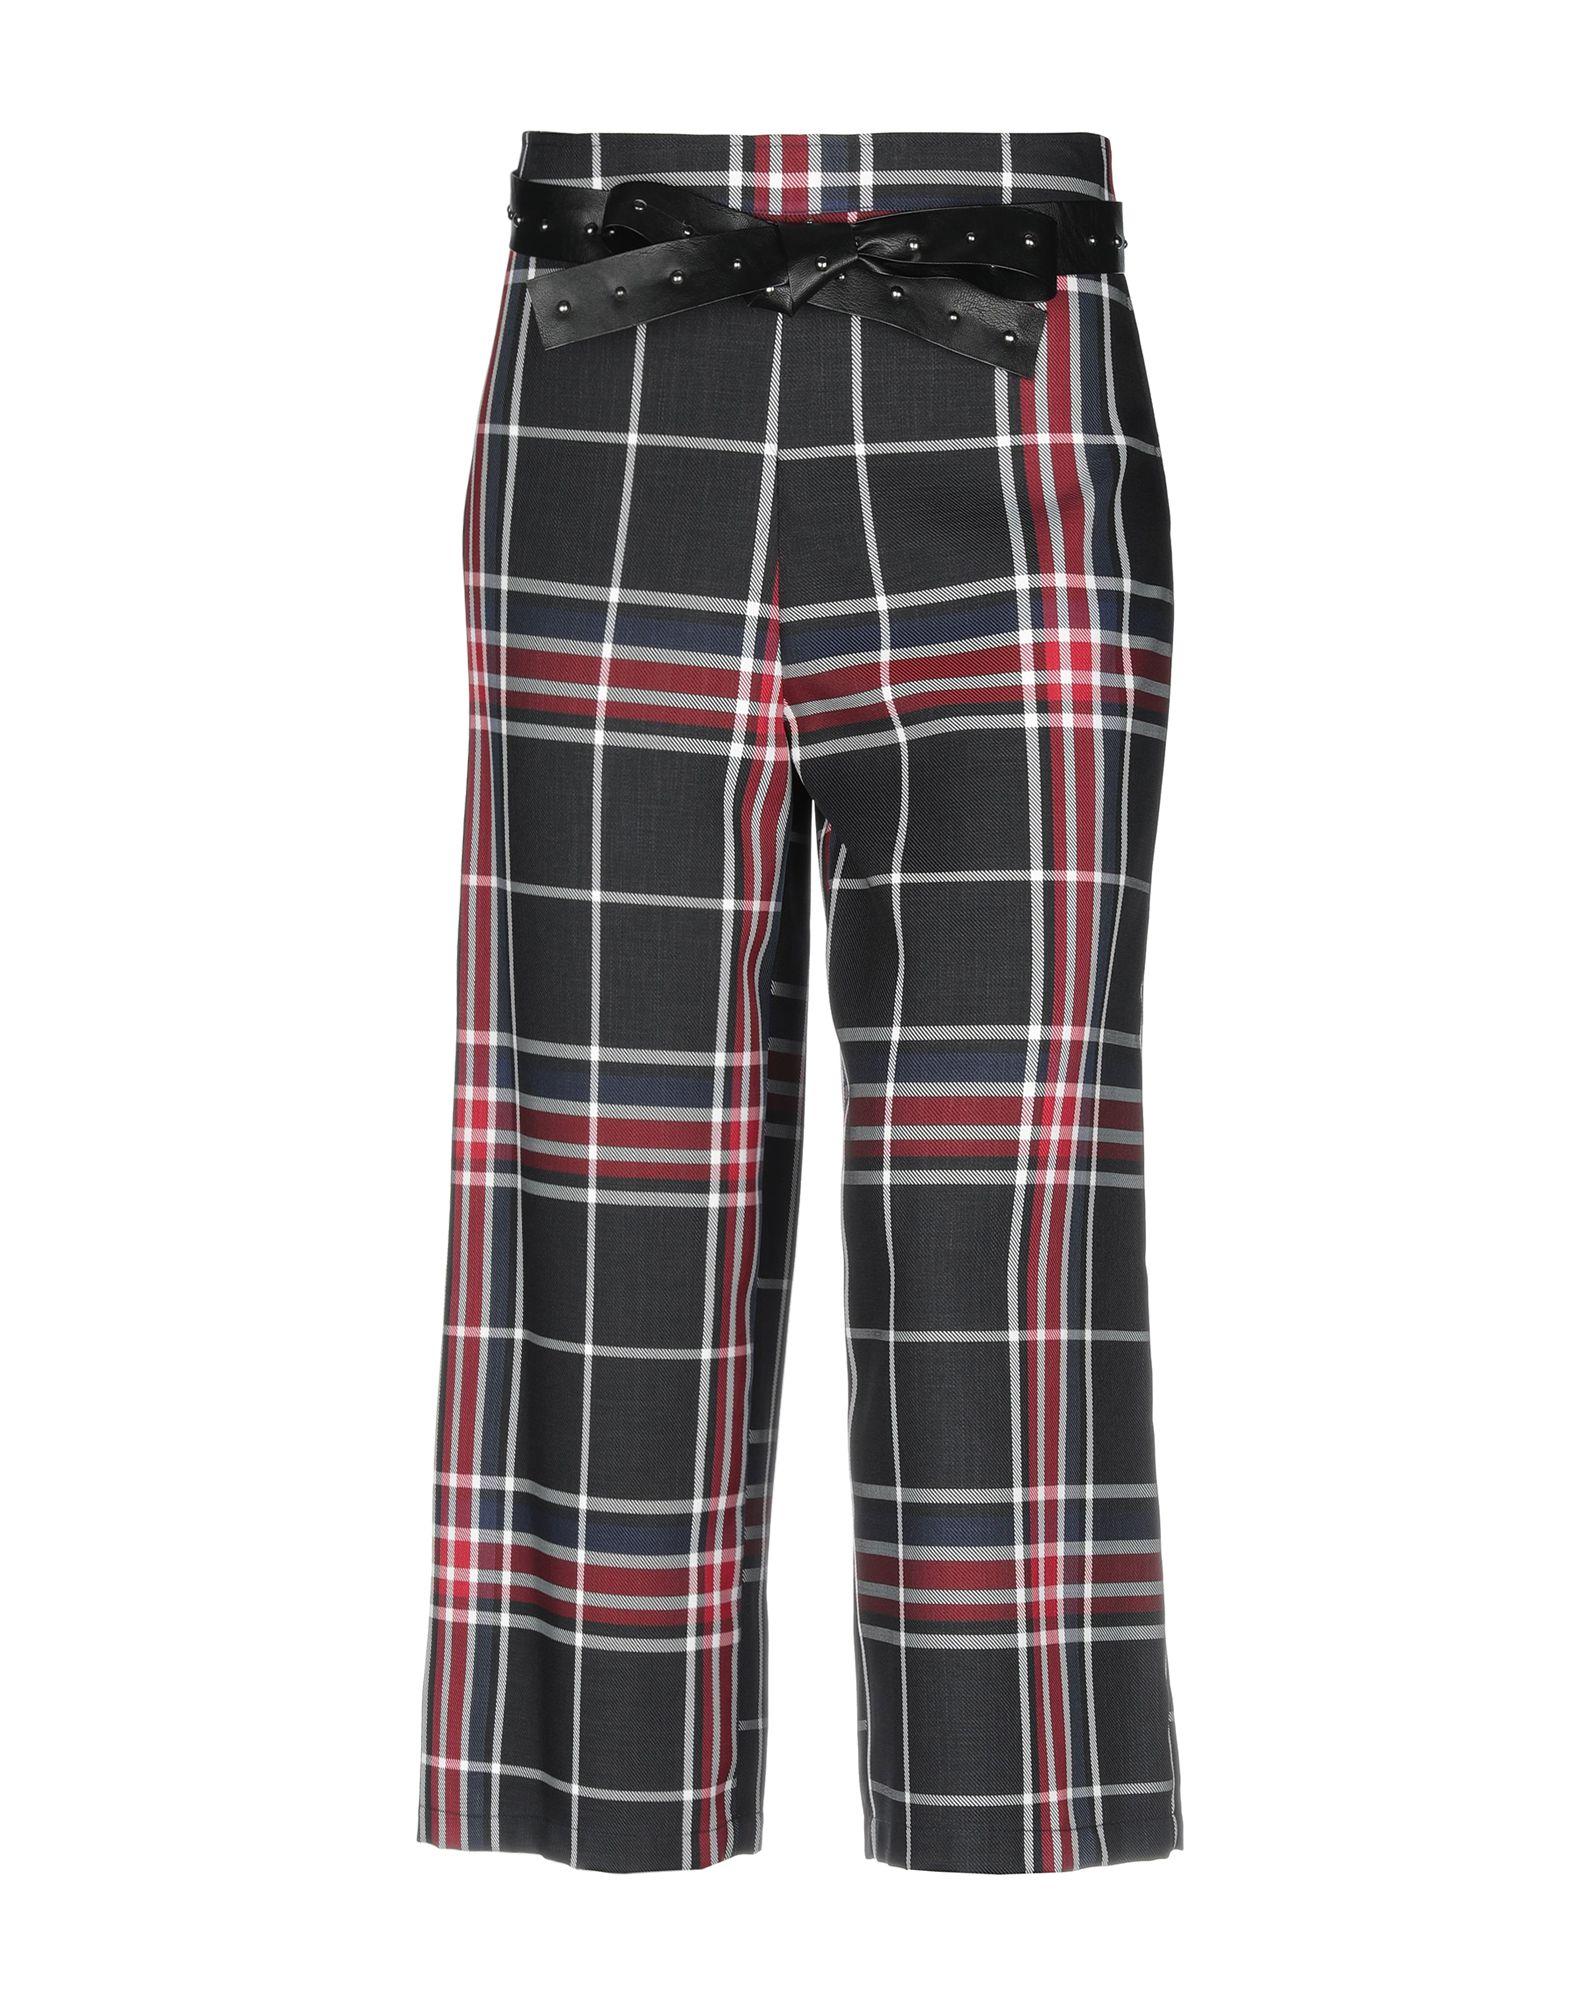 COLLECTION PRIVĒE? Повседневные брюки playboy vip collection повседневные брюки мужские девятки брюки тонкие тонкие фитинги прямые брюки 1904 черный 34